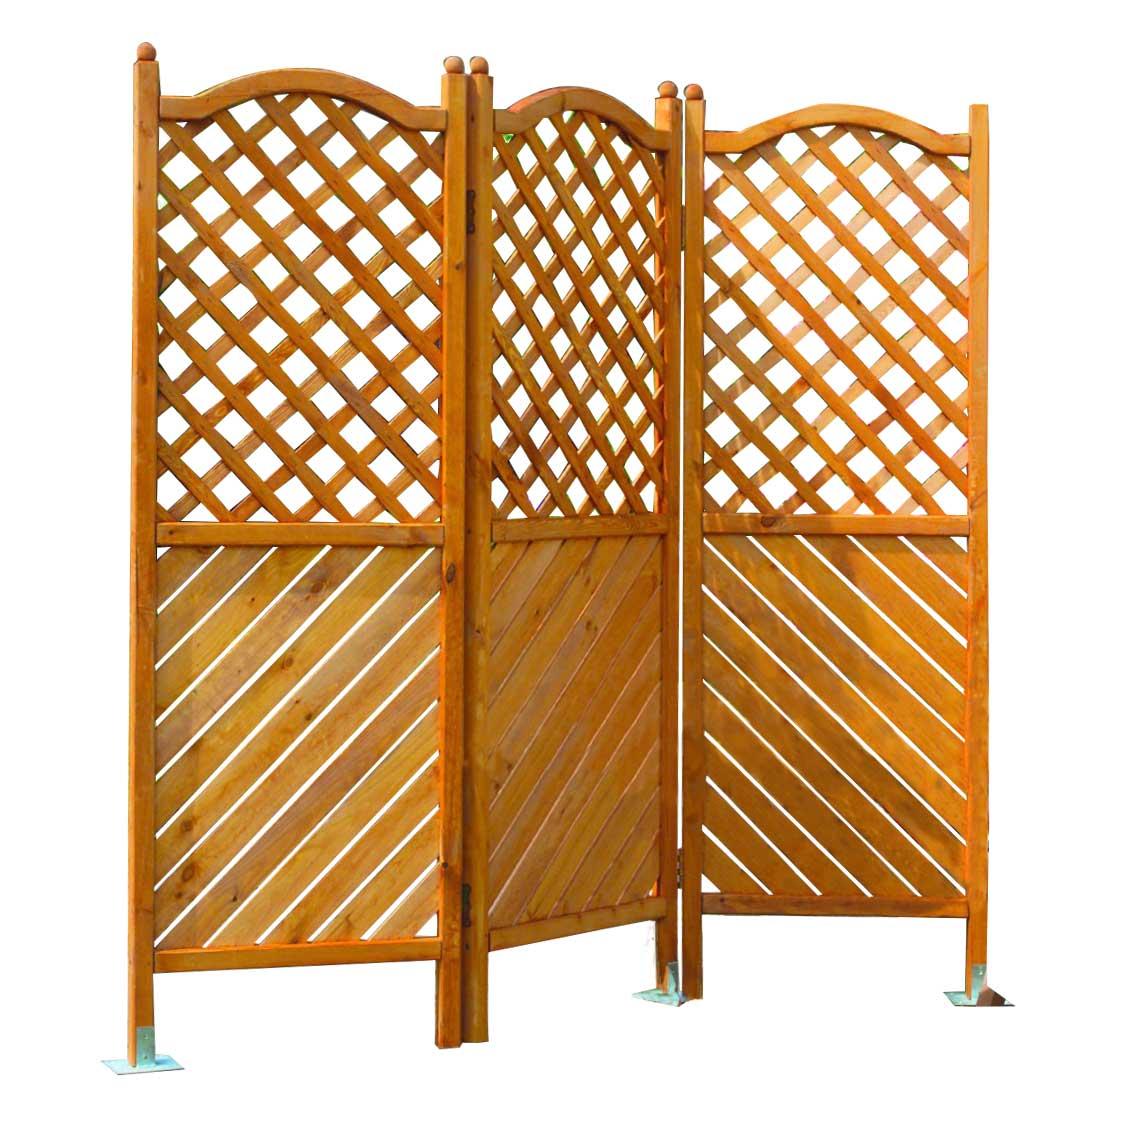 Full Size of Sichtschutz Balkon Paravent Holz Romantica Round Stabil Garten Fenster Sichtschutzfolie Für Einseitig Durchsichtig Im Wpc Sichtschutzfolien Wohnzimmer Sichtschutz Balkon Paravent